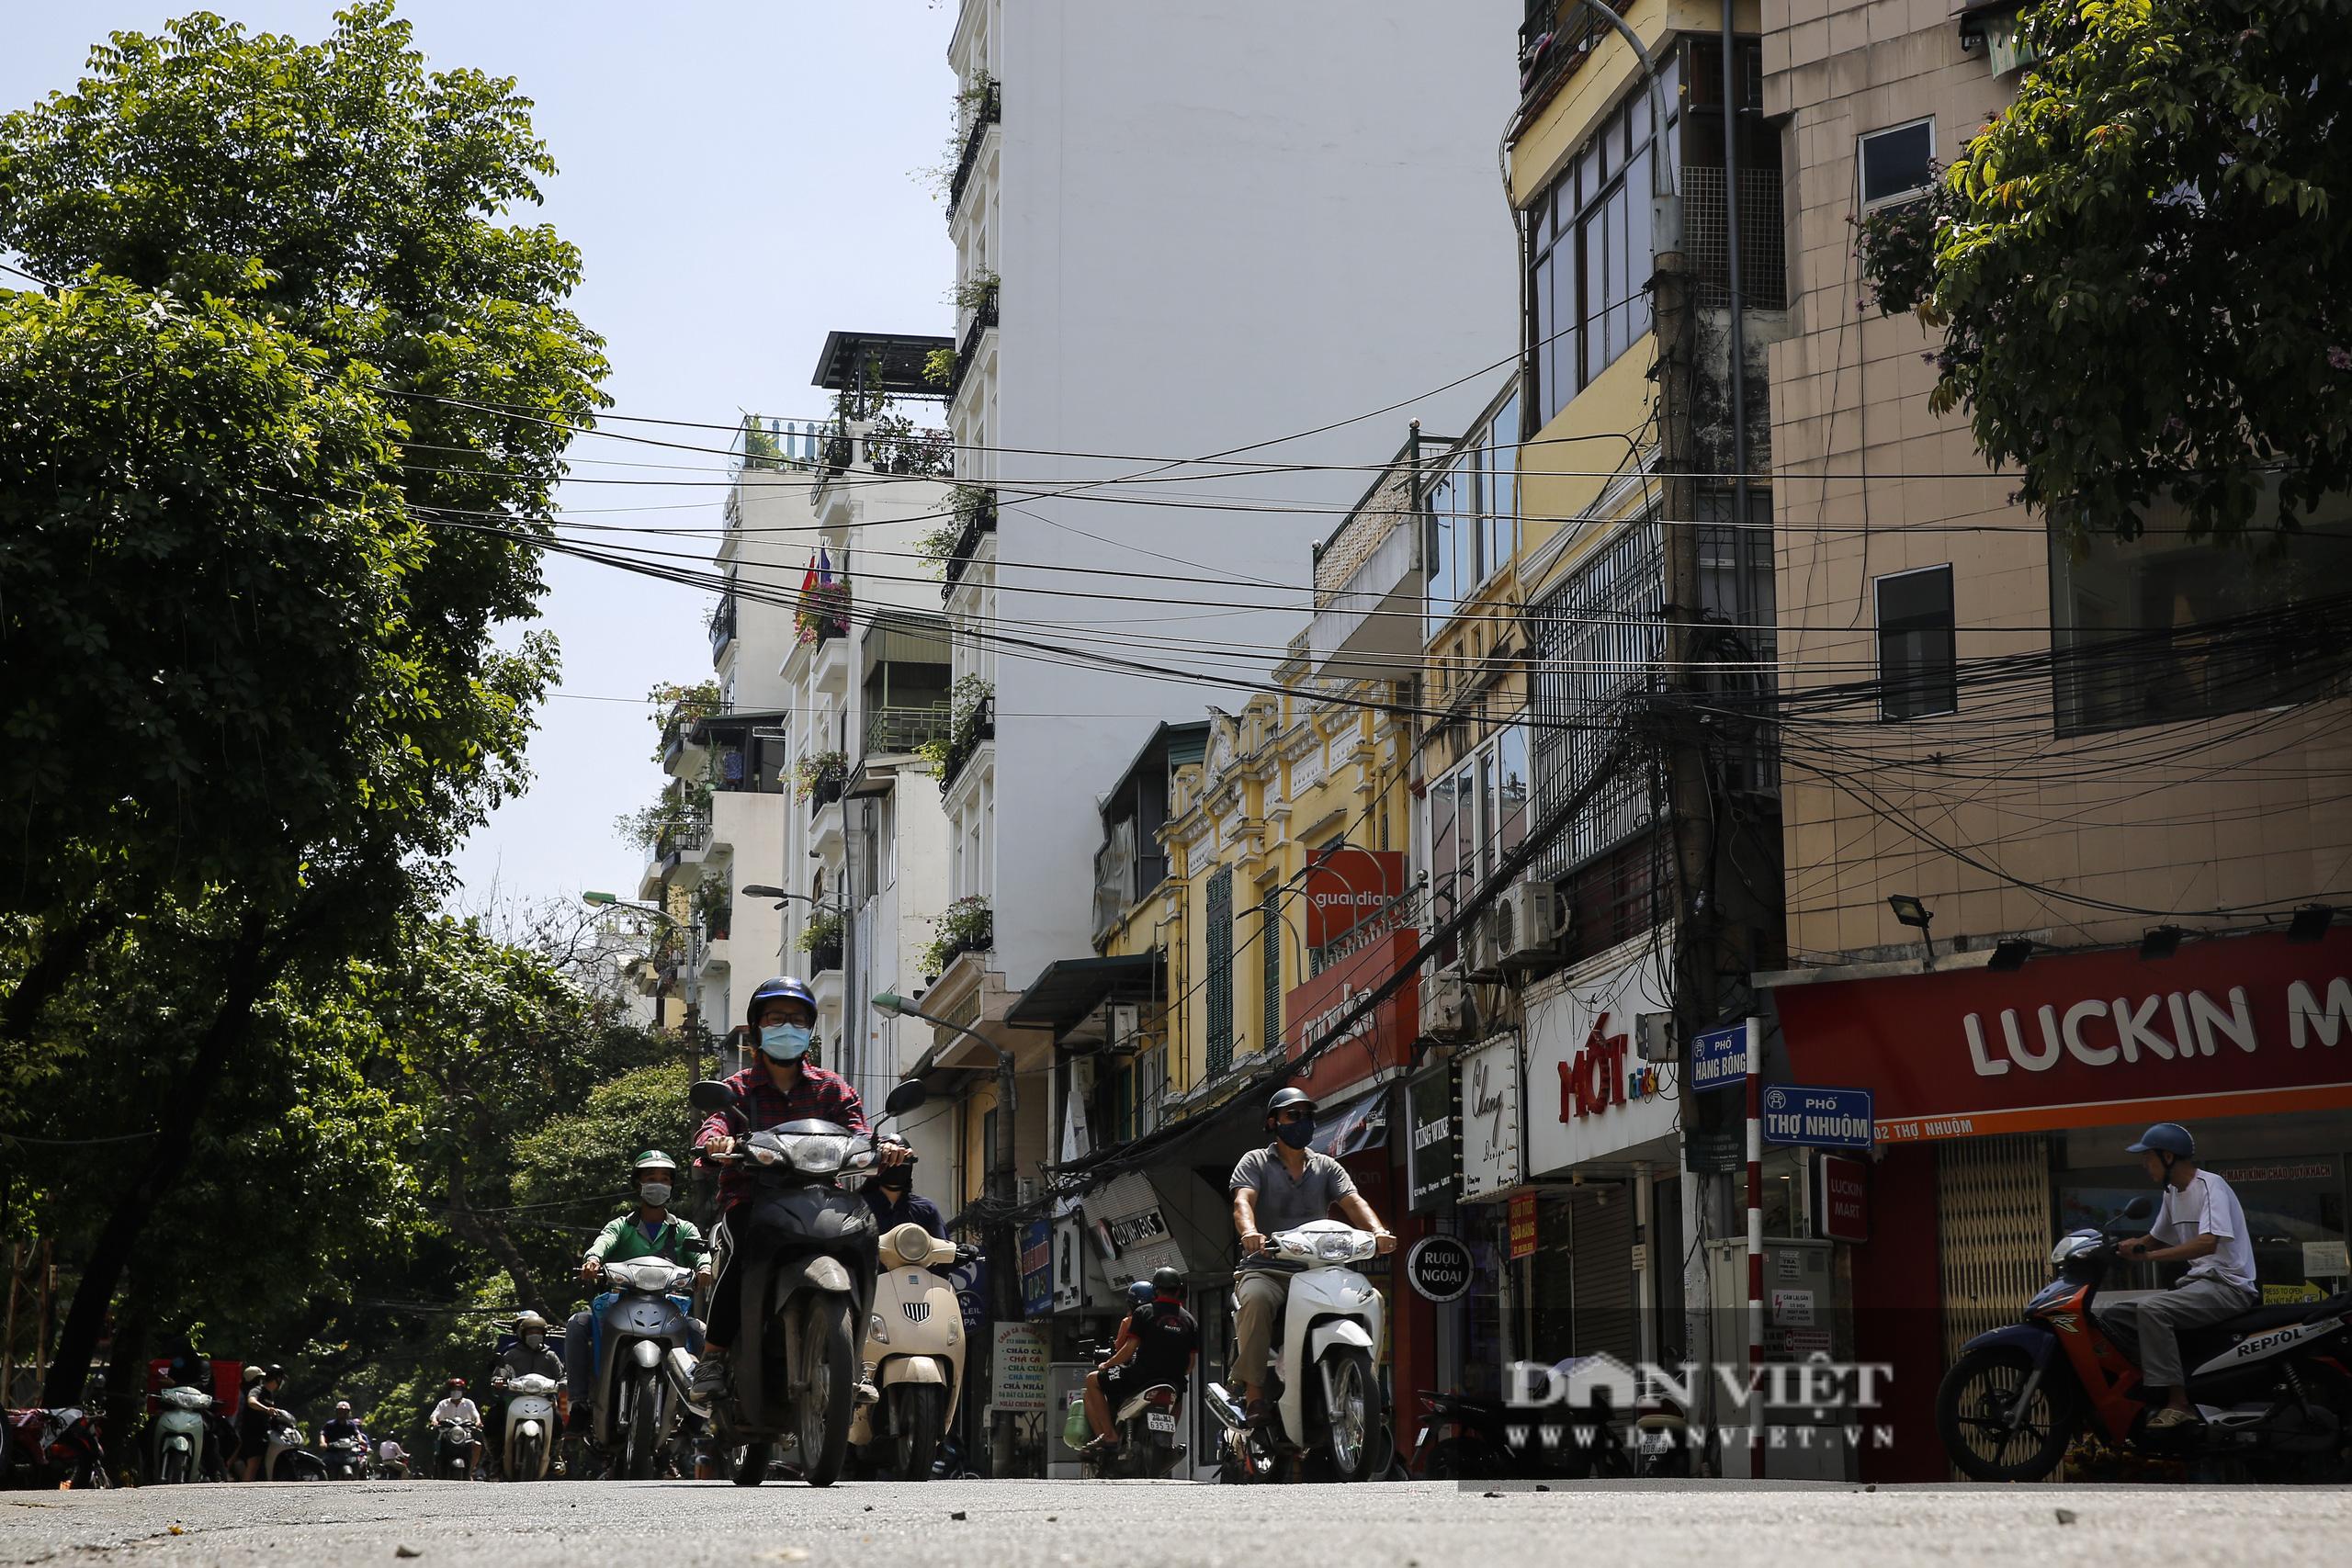 Hà Nội: Kỳ lạ con phố cổ dài 1 Km nhưng có 6 tên gọi khác nhau - Ảnh 6.